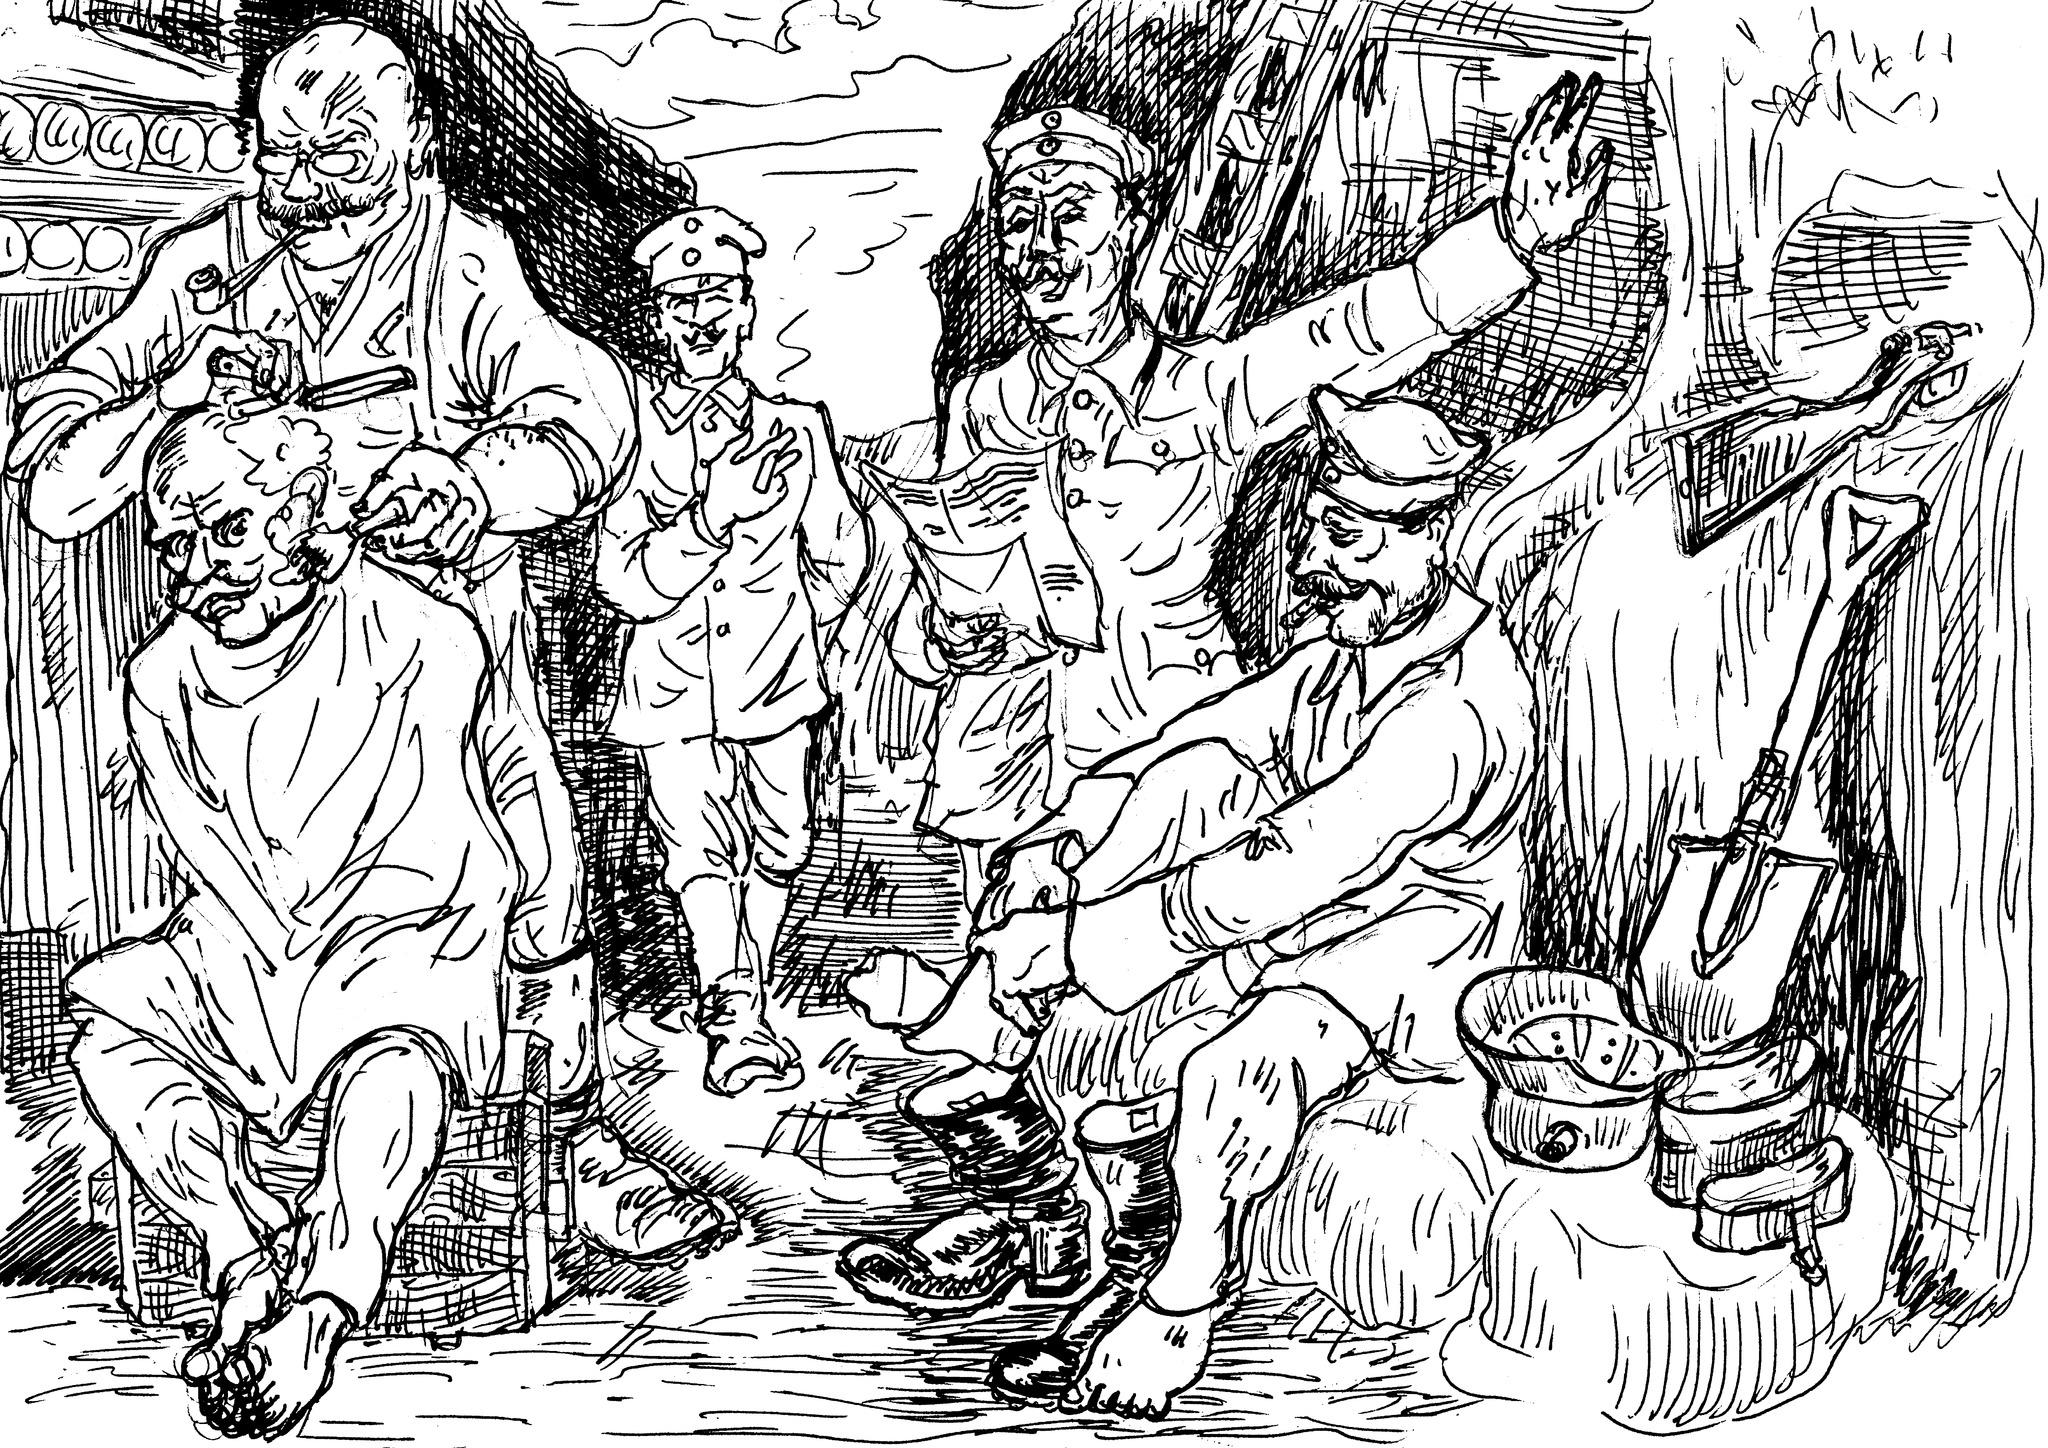 Мировая война 1914 года. Германские солдаты в траншее. Редкий отдых между боями